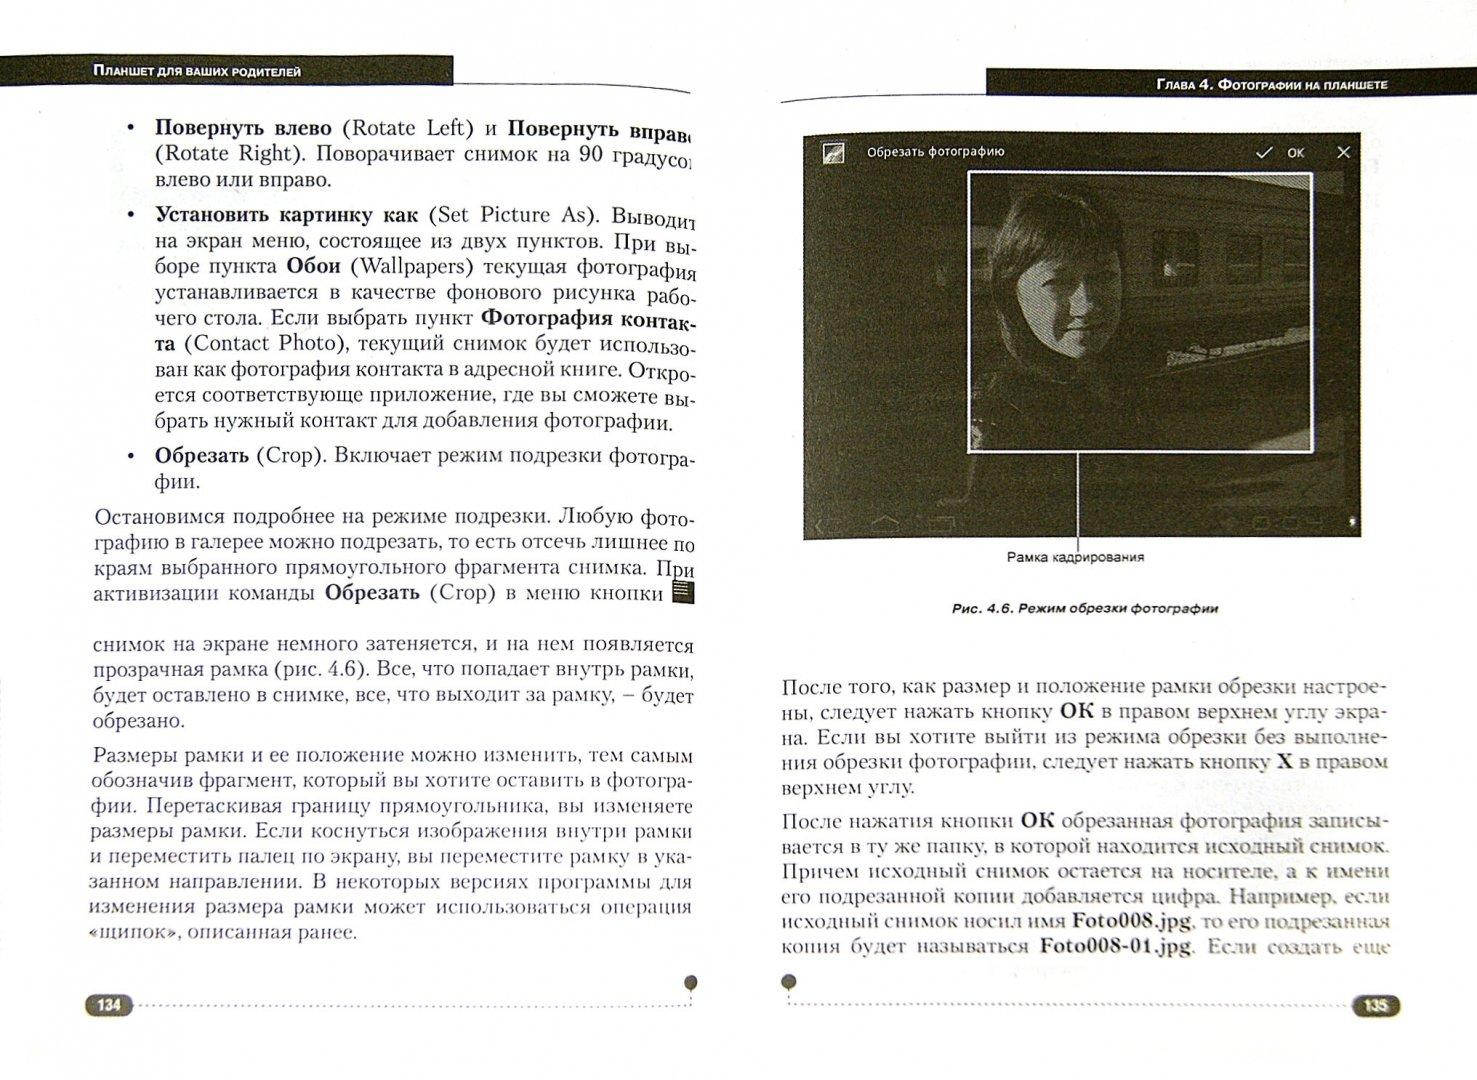 Иллюстрация 1 из 12 для Планшет на Android для ваших родителей - Прокди, Финкова, Темирязев   Лабиринт - книги. Источник: Лабиринт